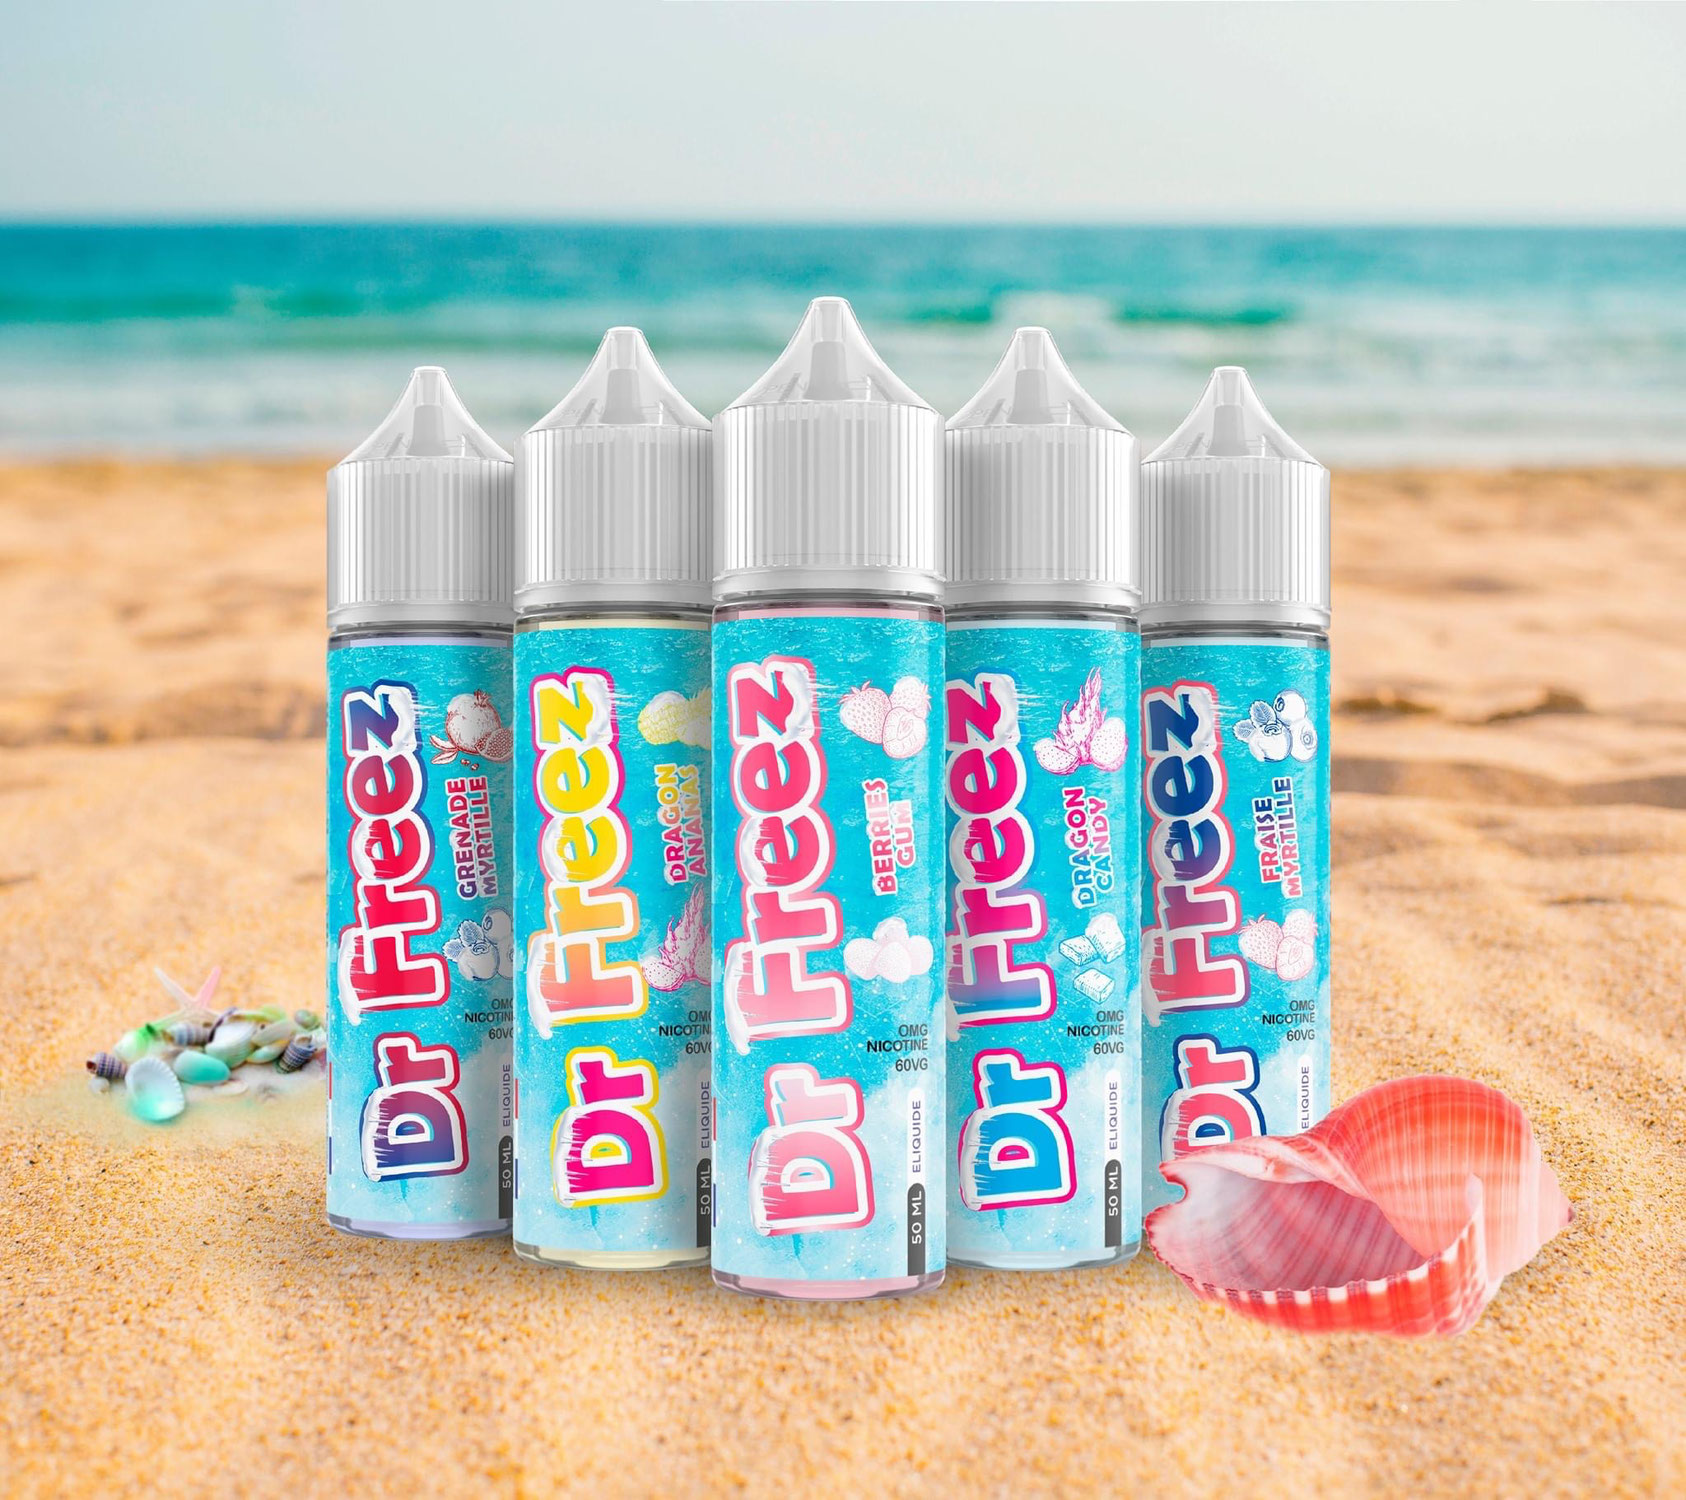 Découvrez la gamme de e-liquides Dr Freez, la plus givrée !